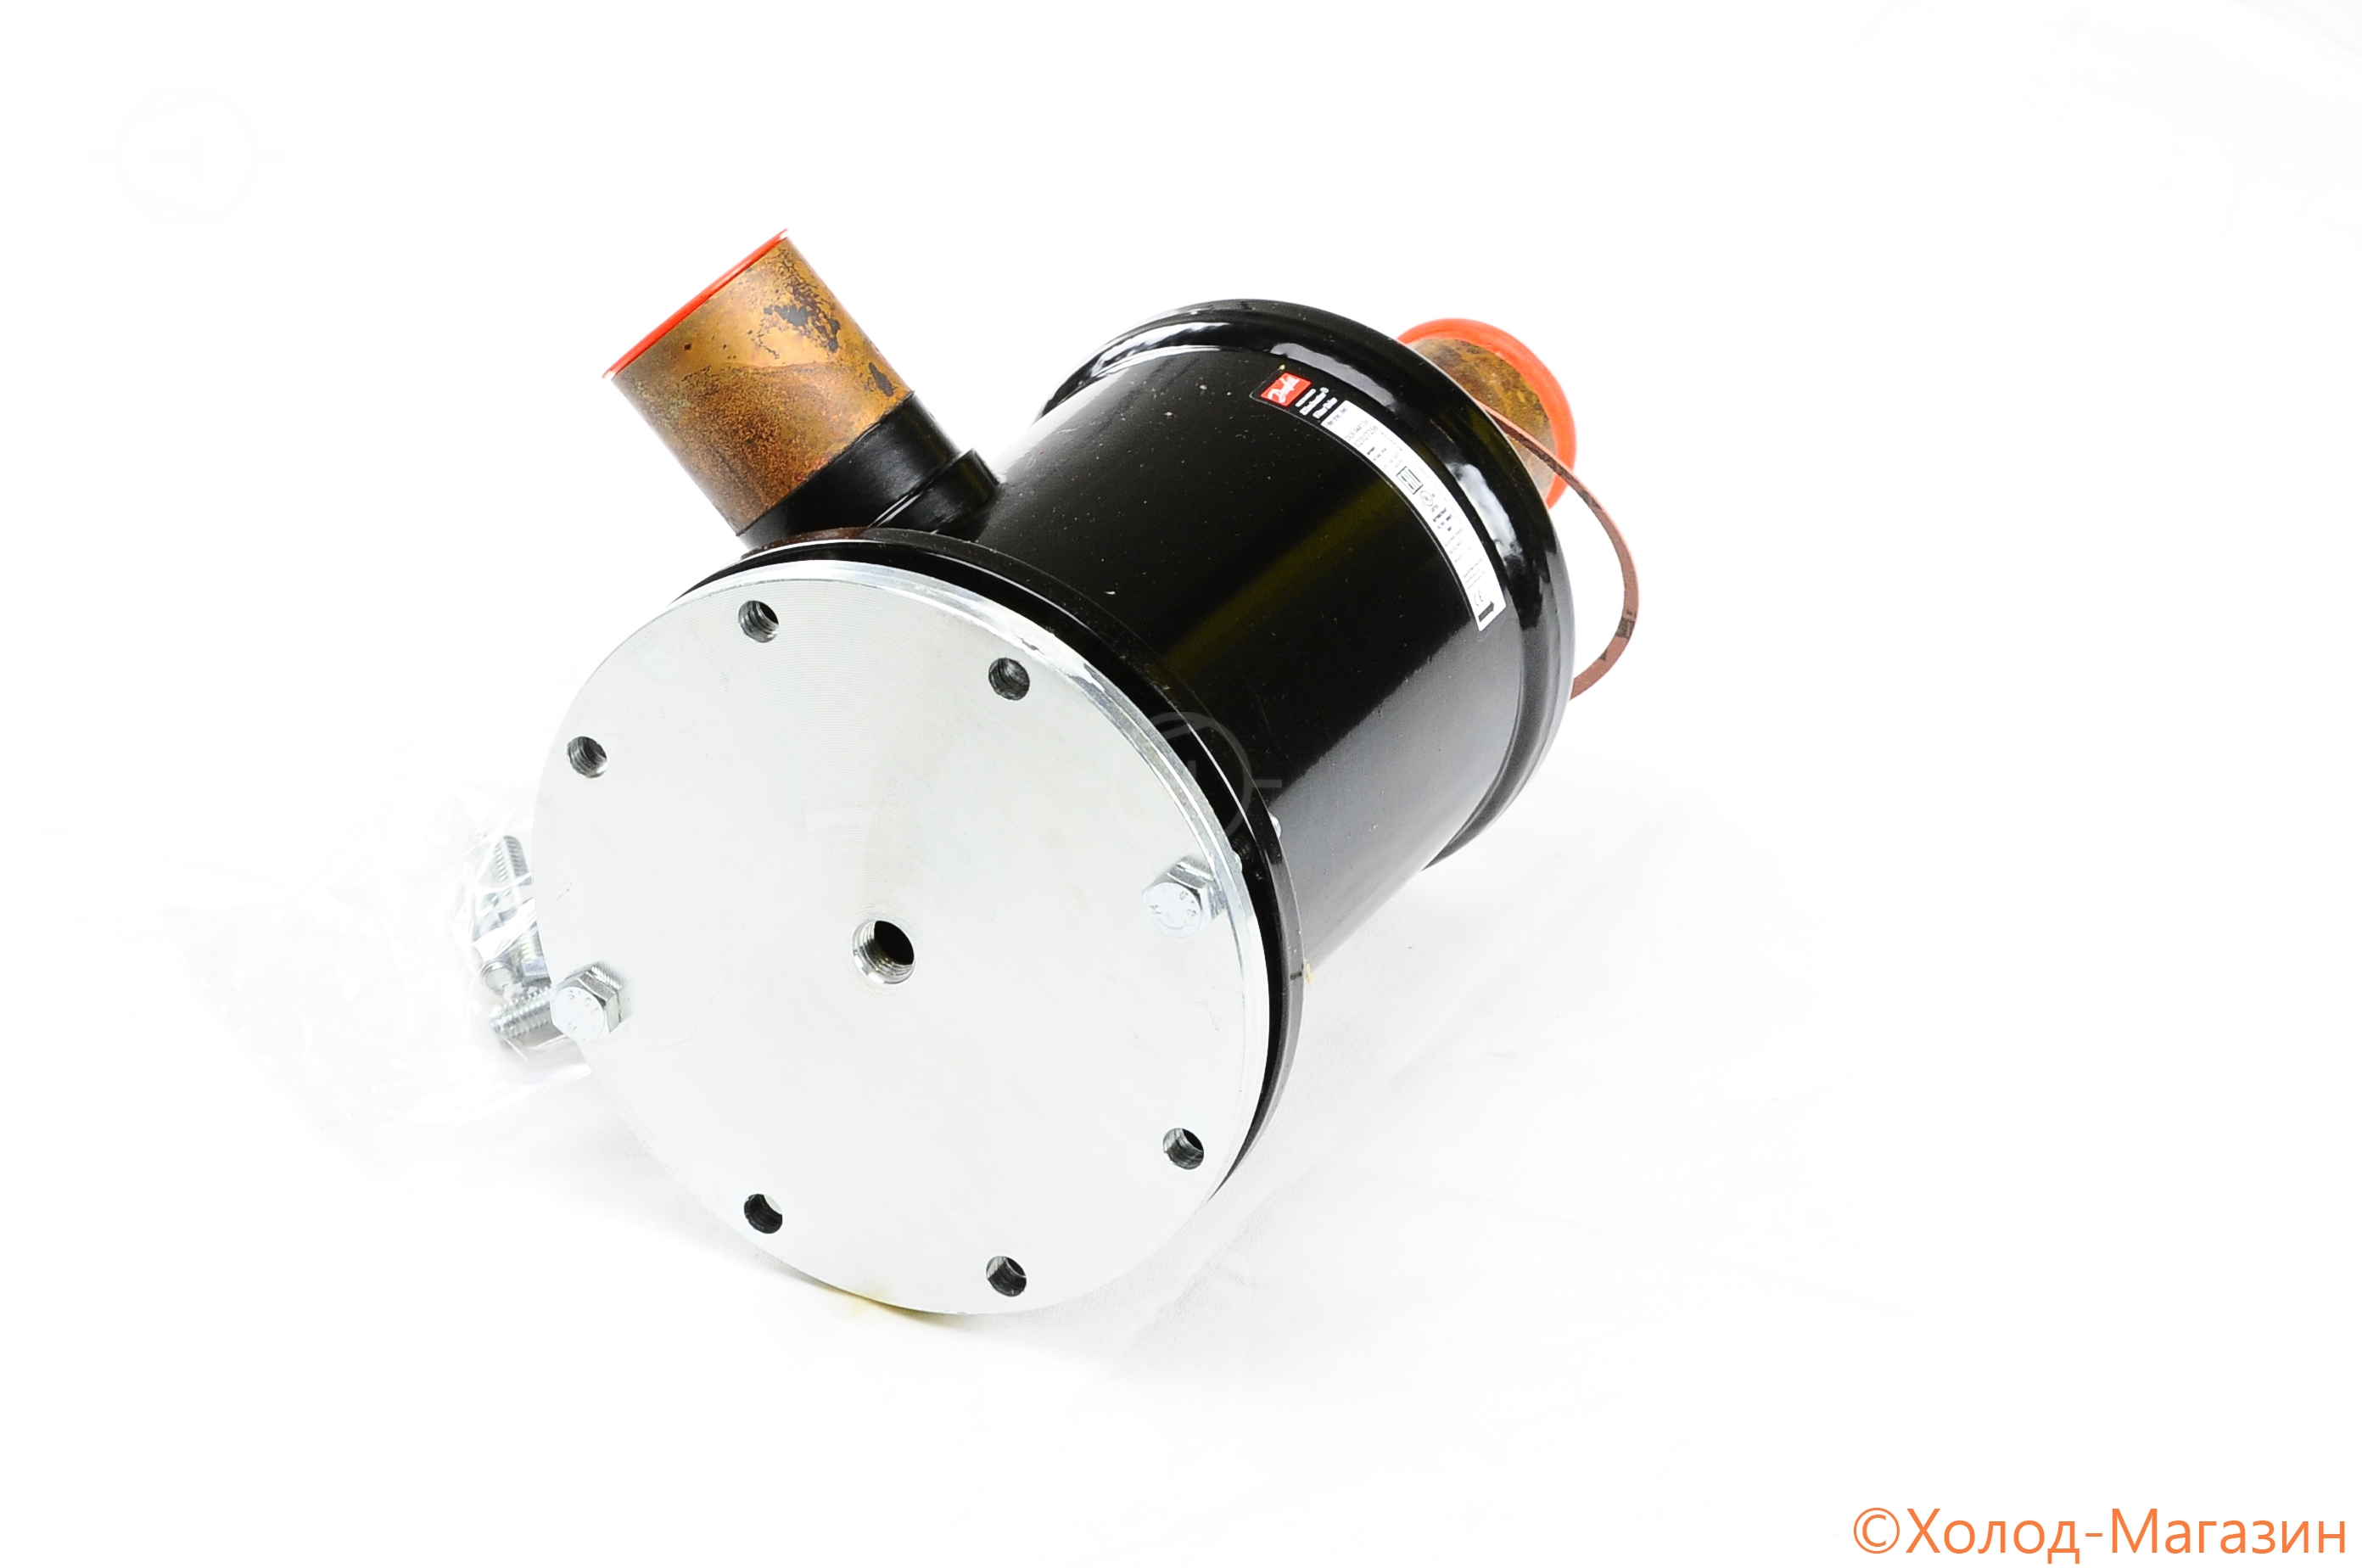 """Фильтр разборный DCR D42 (1 5/8"""") 48-1 04813s, Danfoss"""